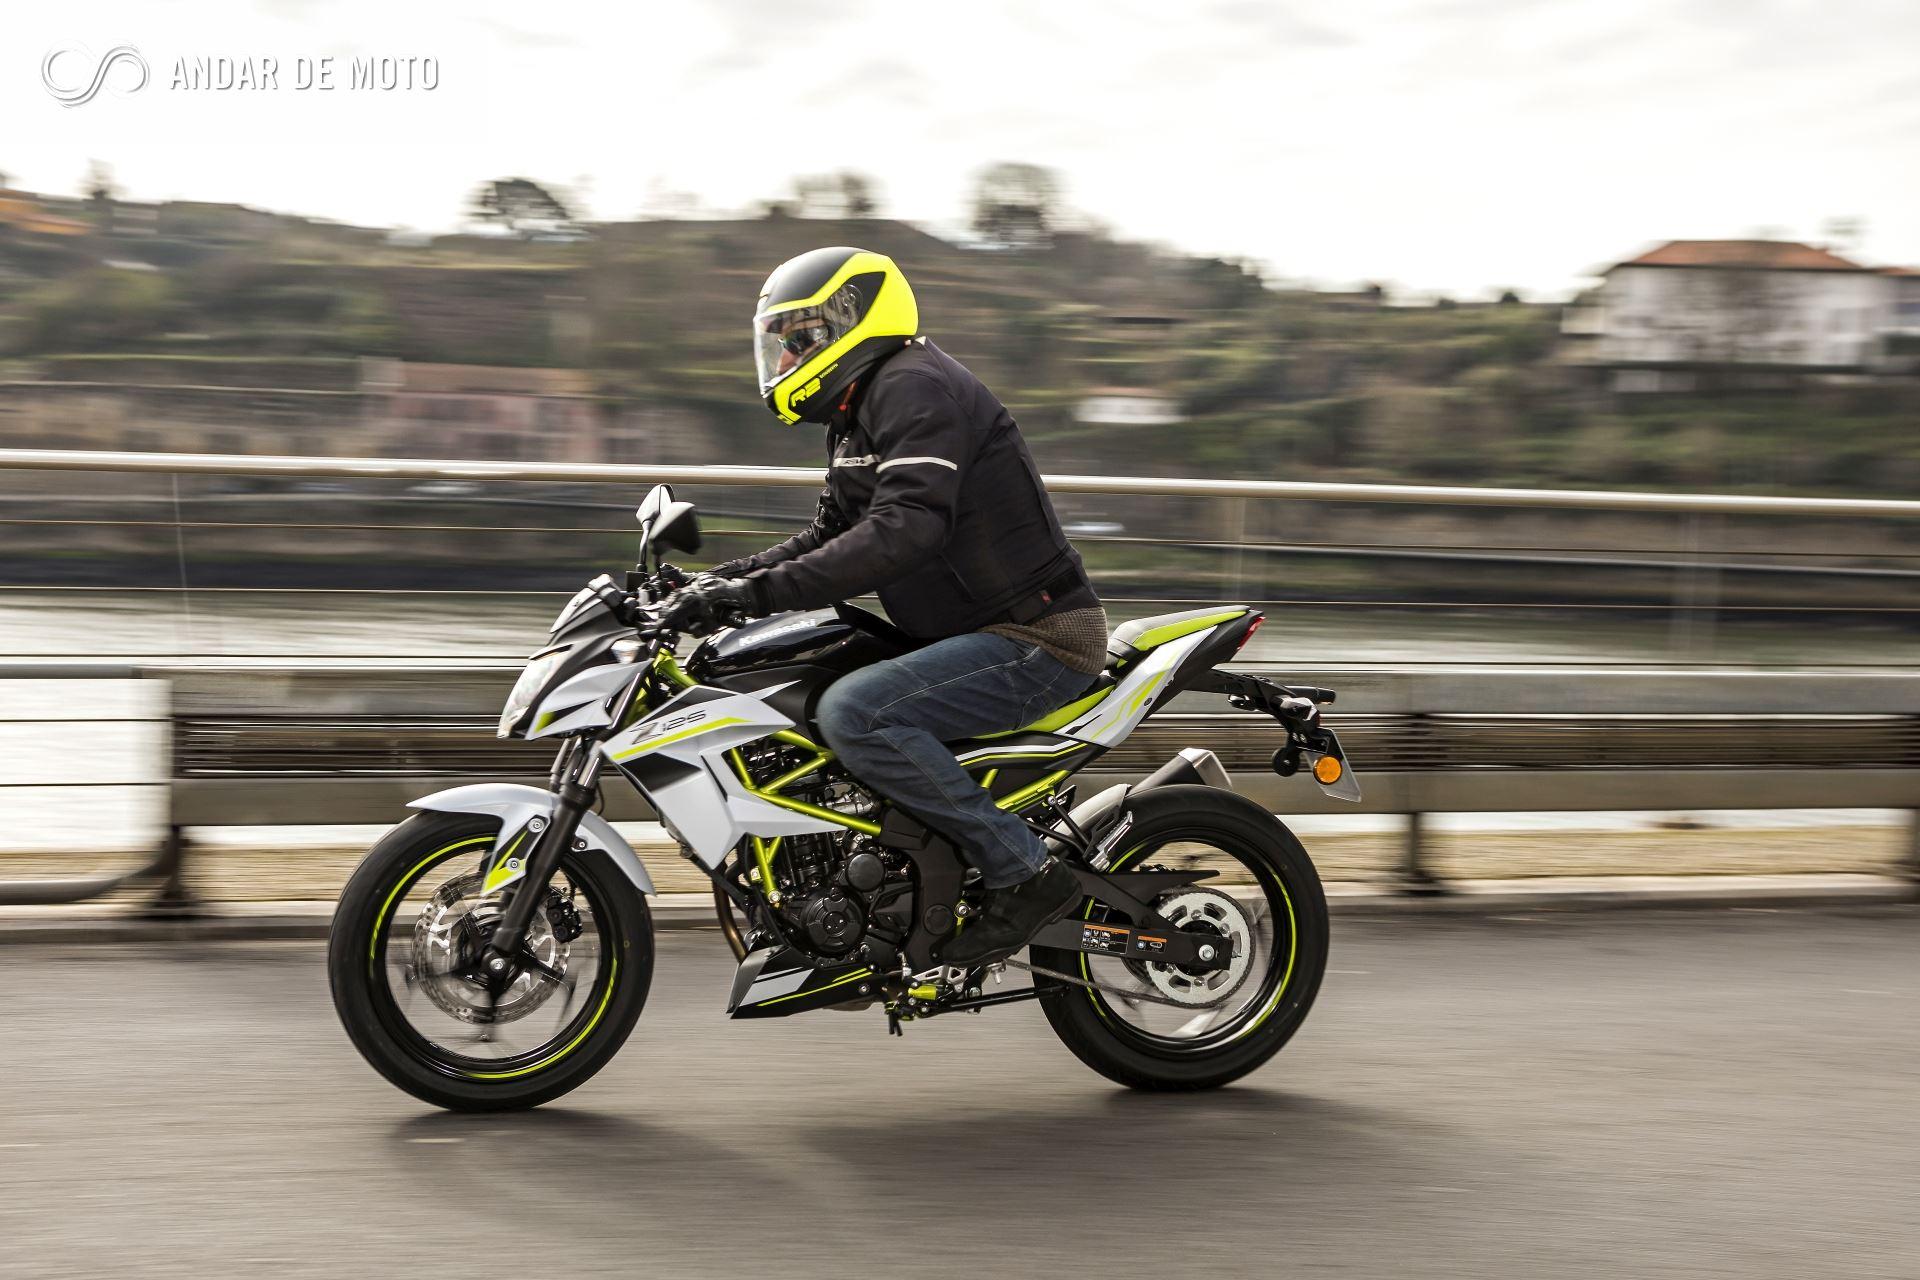 Apresentação e teste da Kawasaki ninja 400(2019) - YouTube